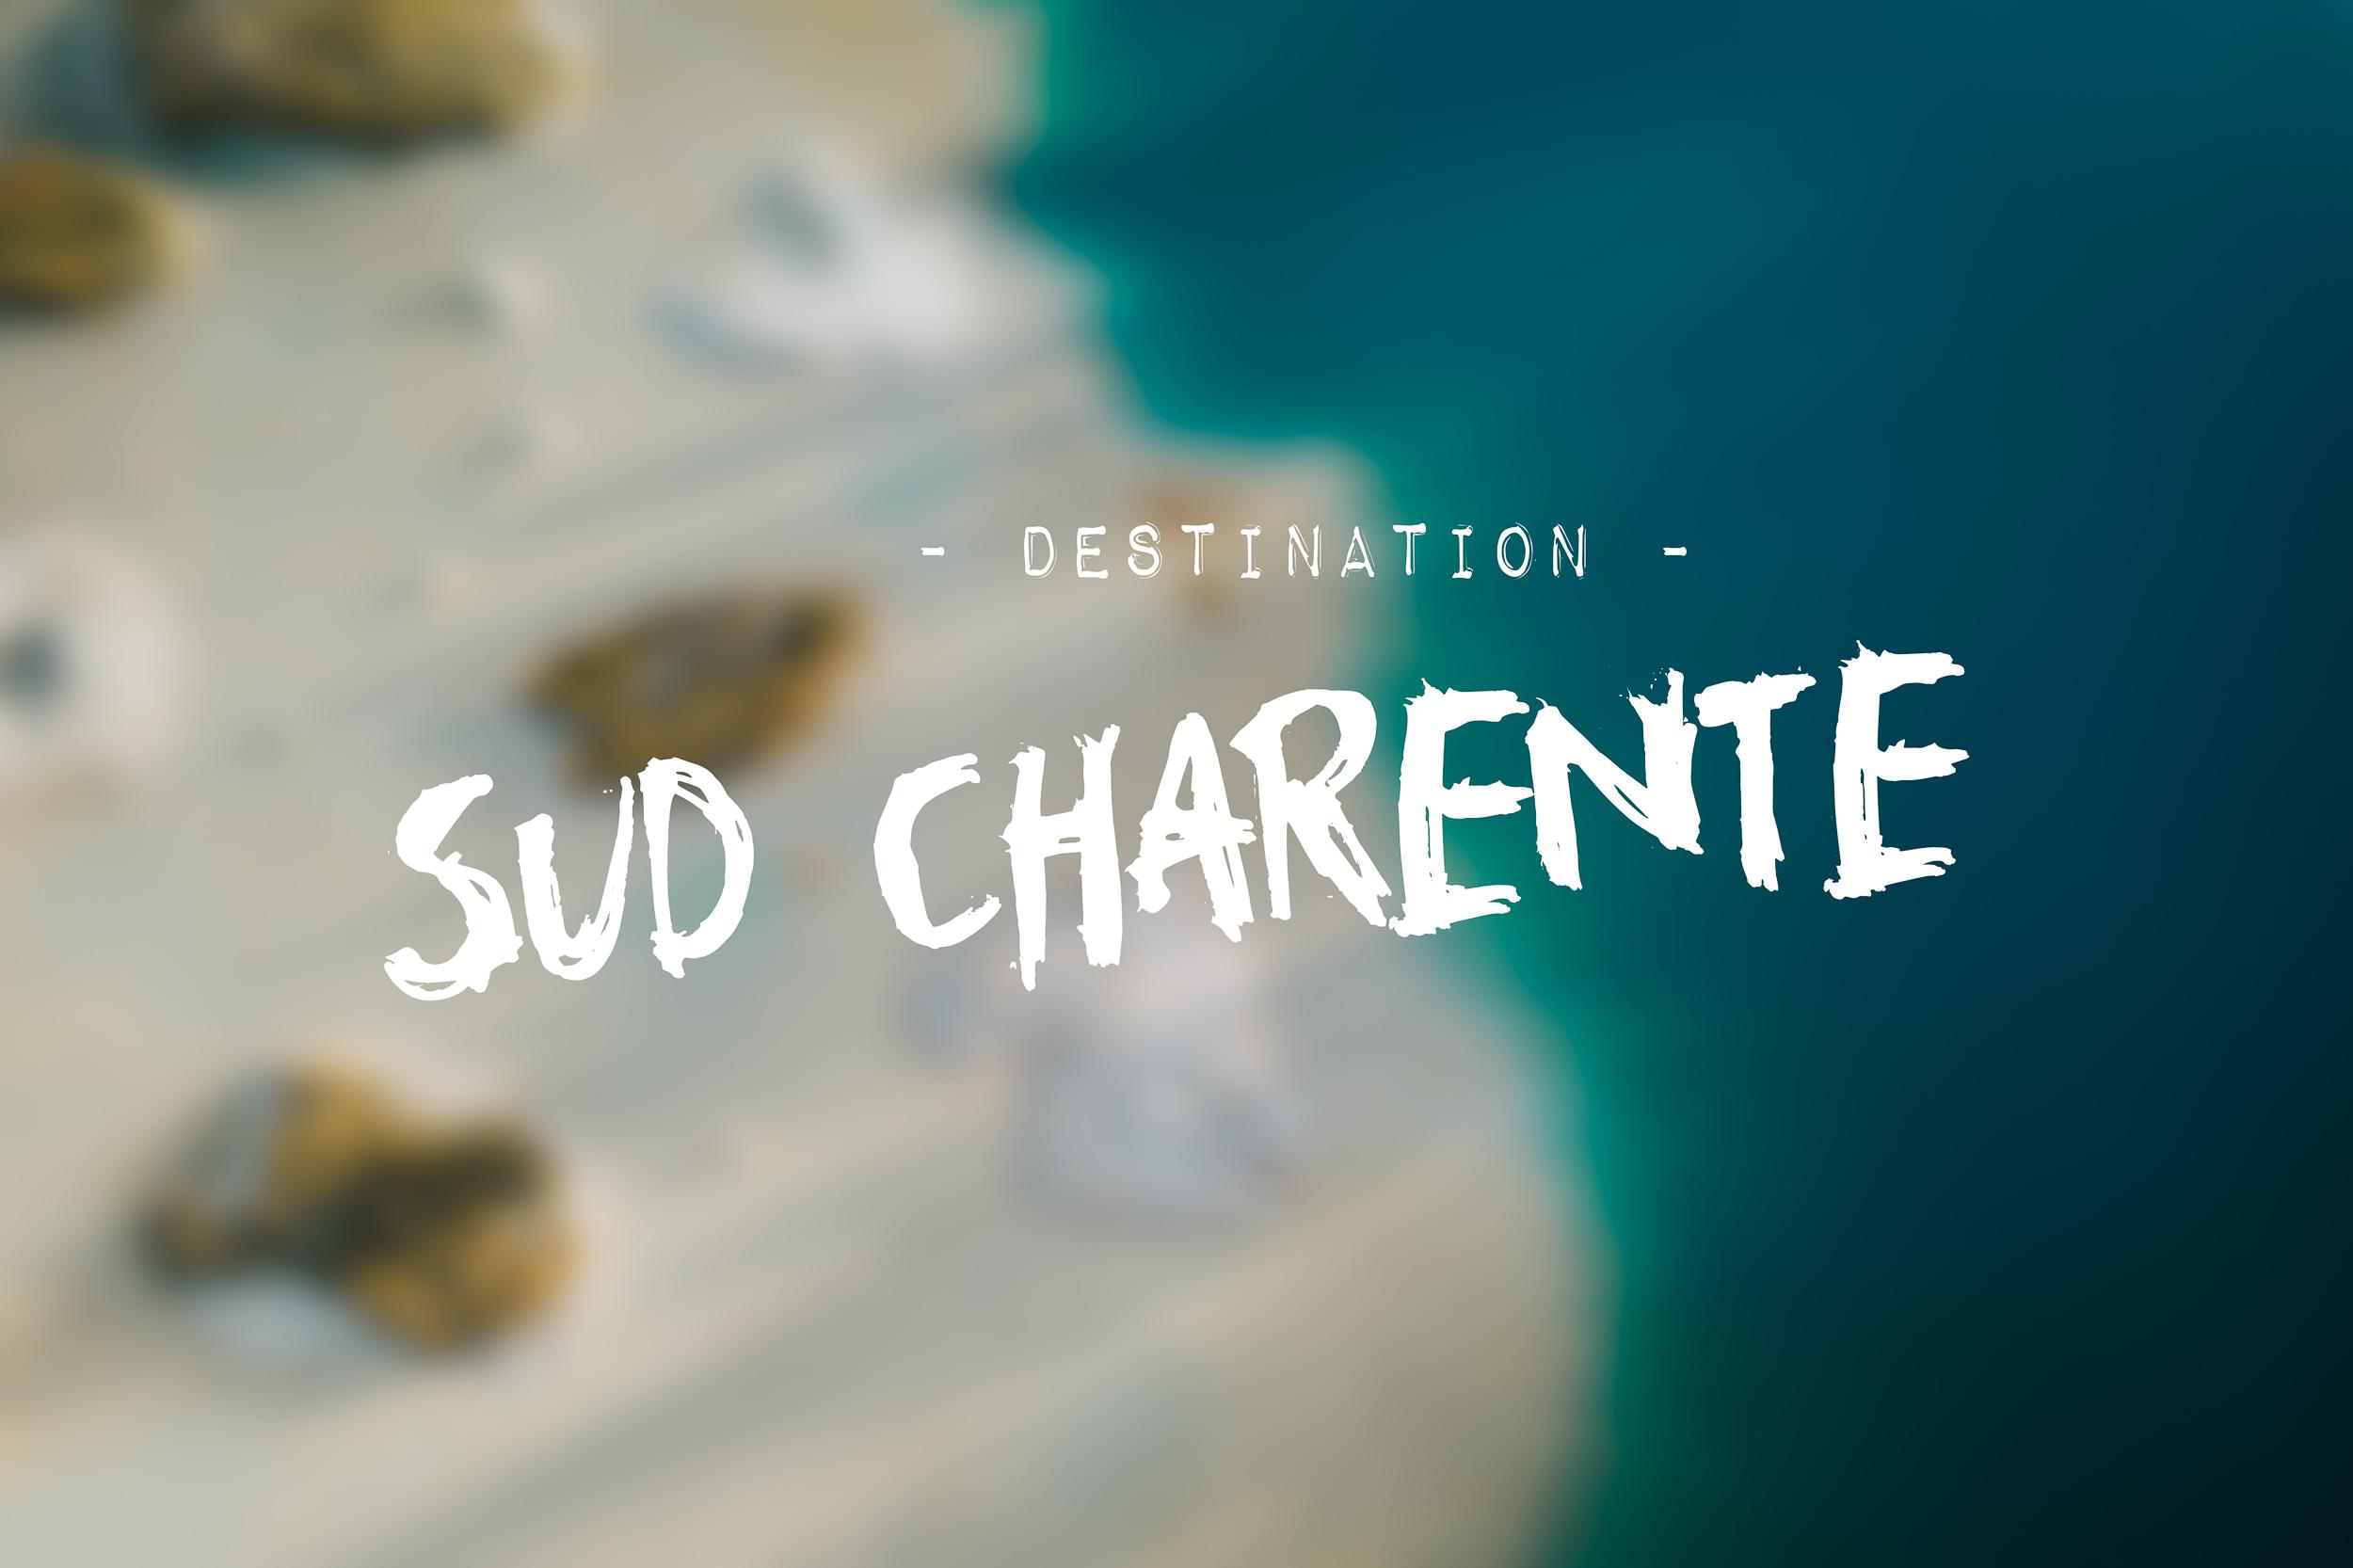 que voir et que faire dans le sud charente ? tourisme charente, meilleur blog voyage France, L'oeil du Voyage